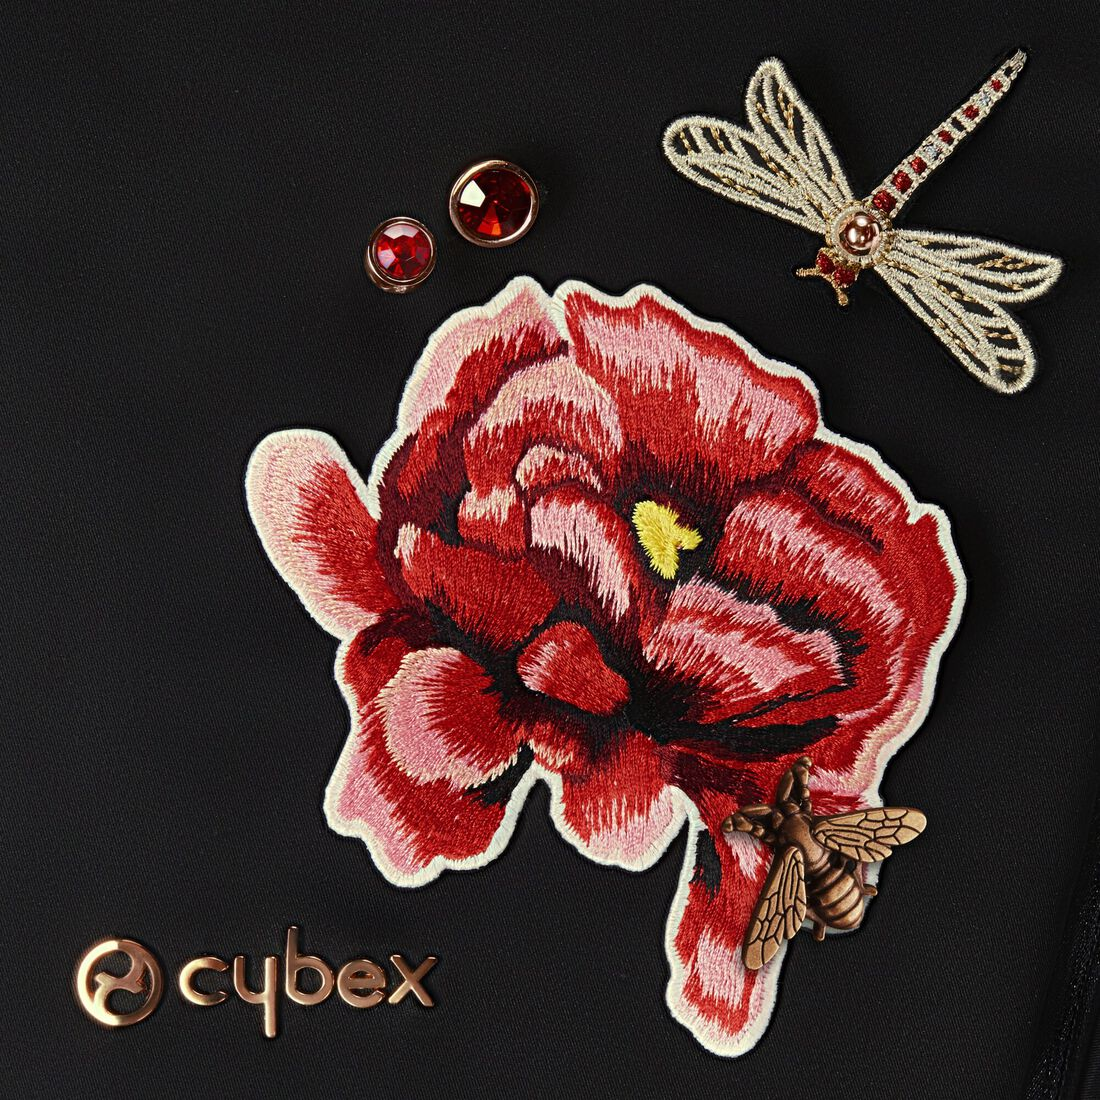 CYBEX Platinum Footmuff - Spring Blossom Light in Spring Blossom Light large image number 3